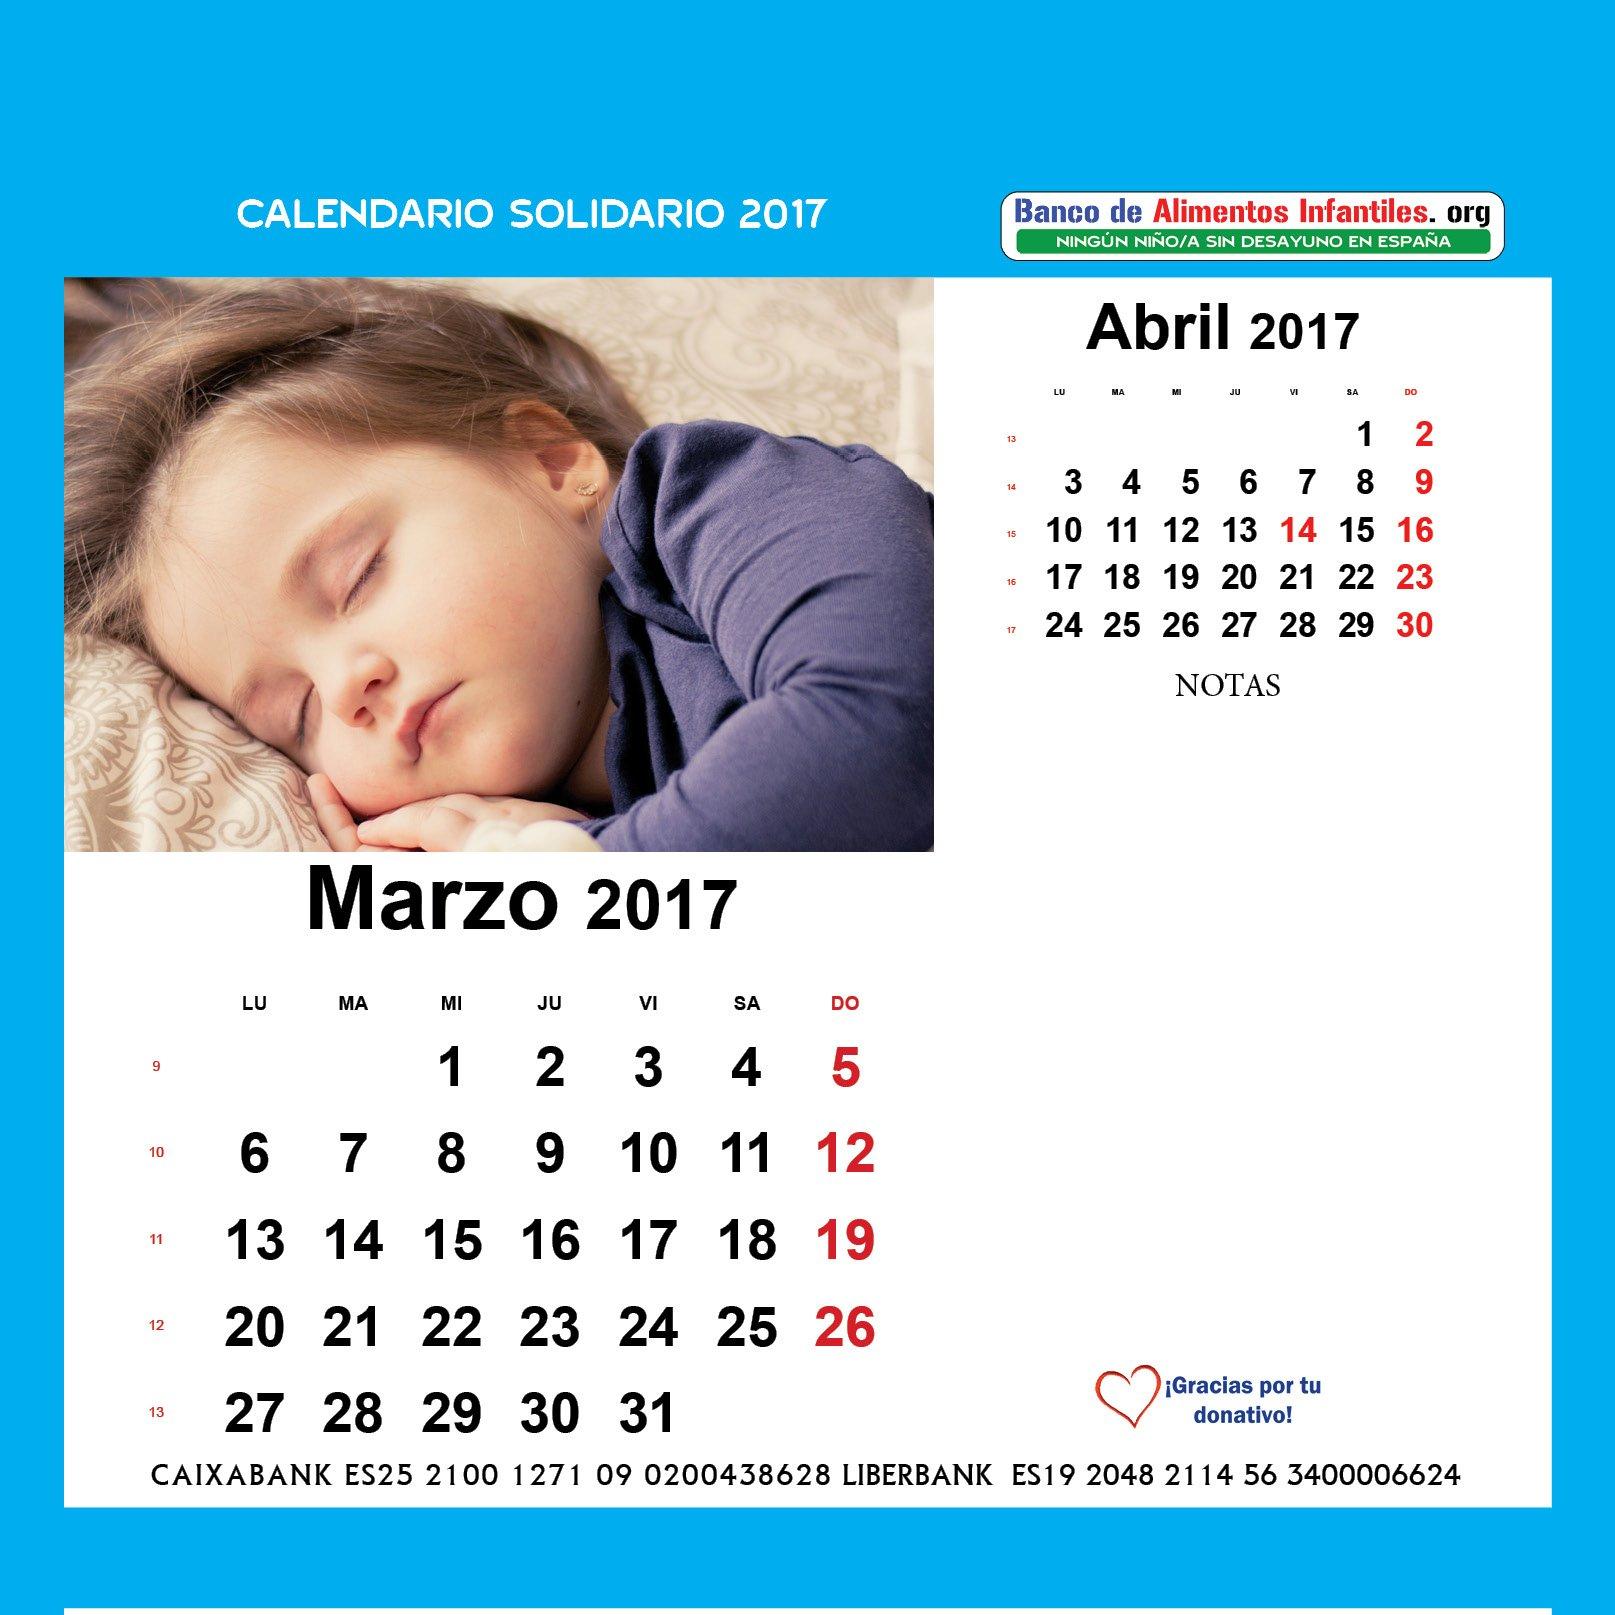 CALENDARIO SOLIDARIO 2017: Amazon.es: BANCO DE ALIMENTOS INFANTILES, BANCO DE ALIMENTOS INFANTILES, BANCO DE ALIMENTOS INFANTILES: Libros